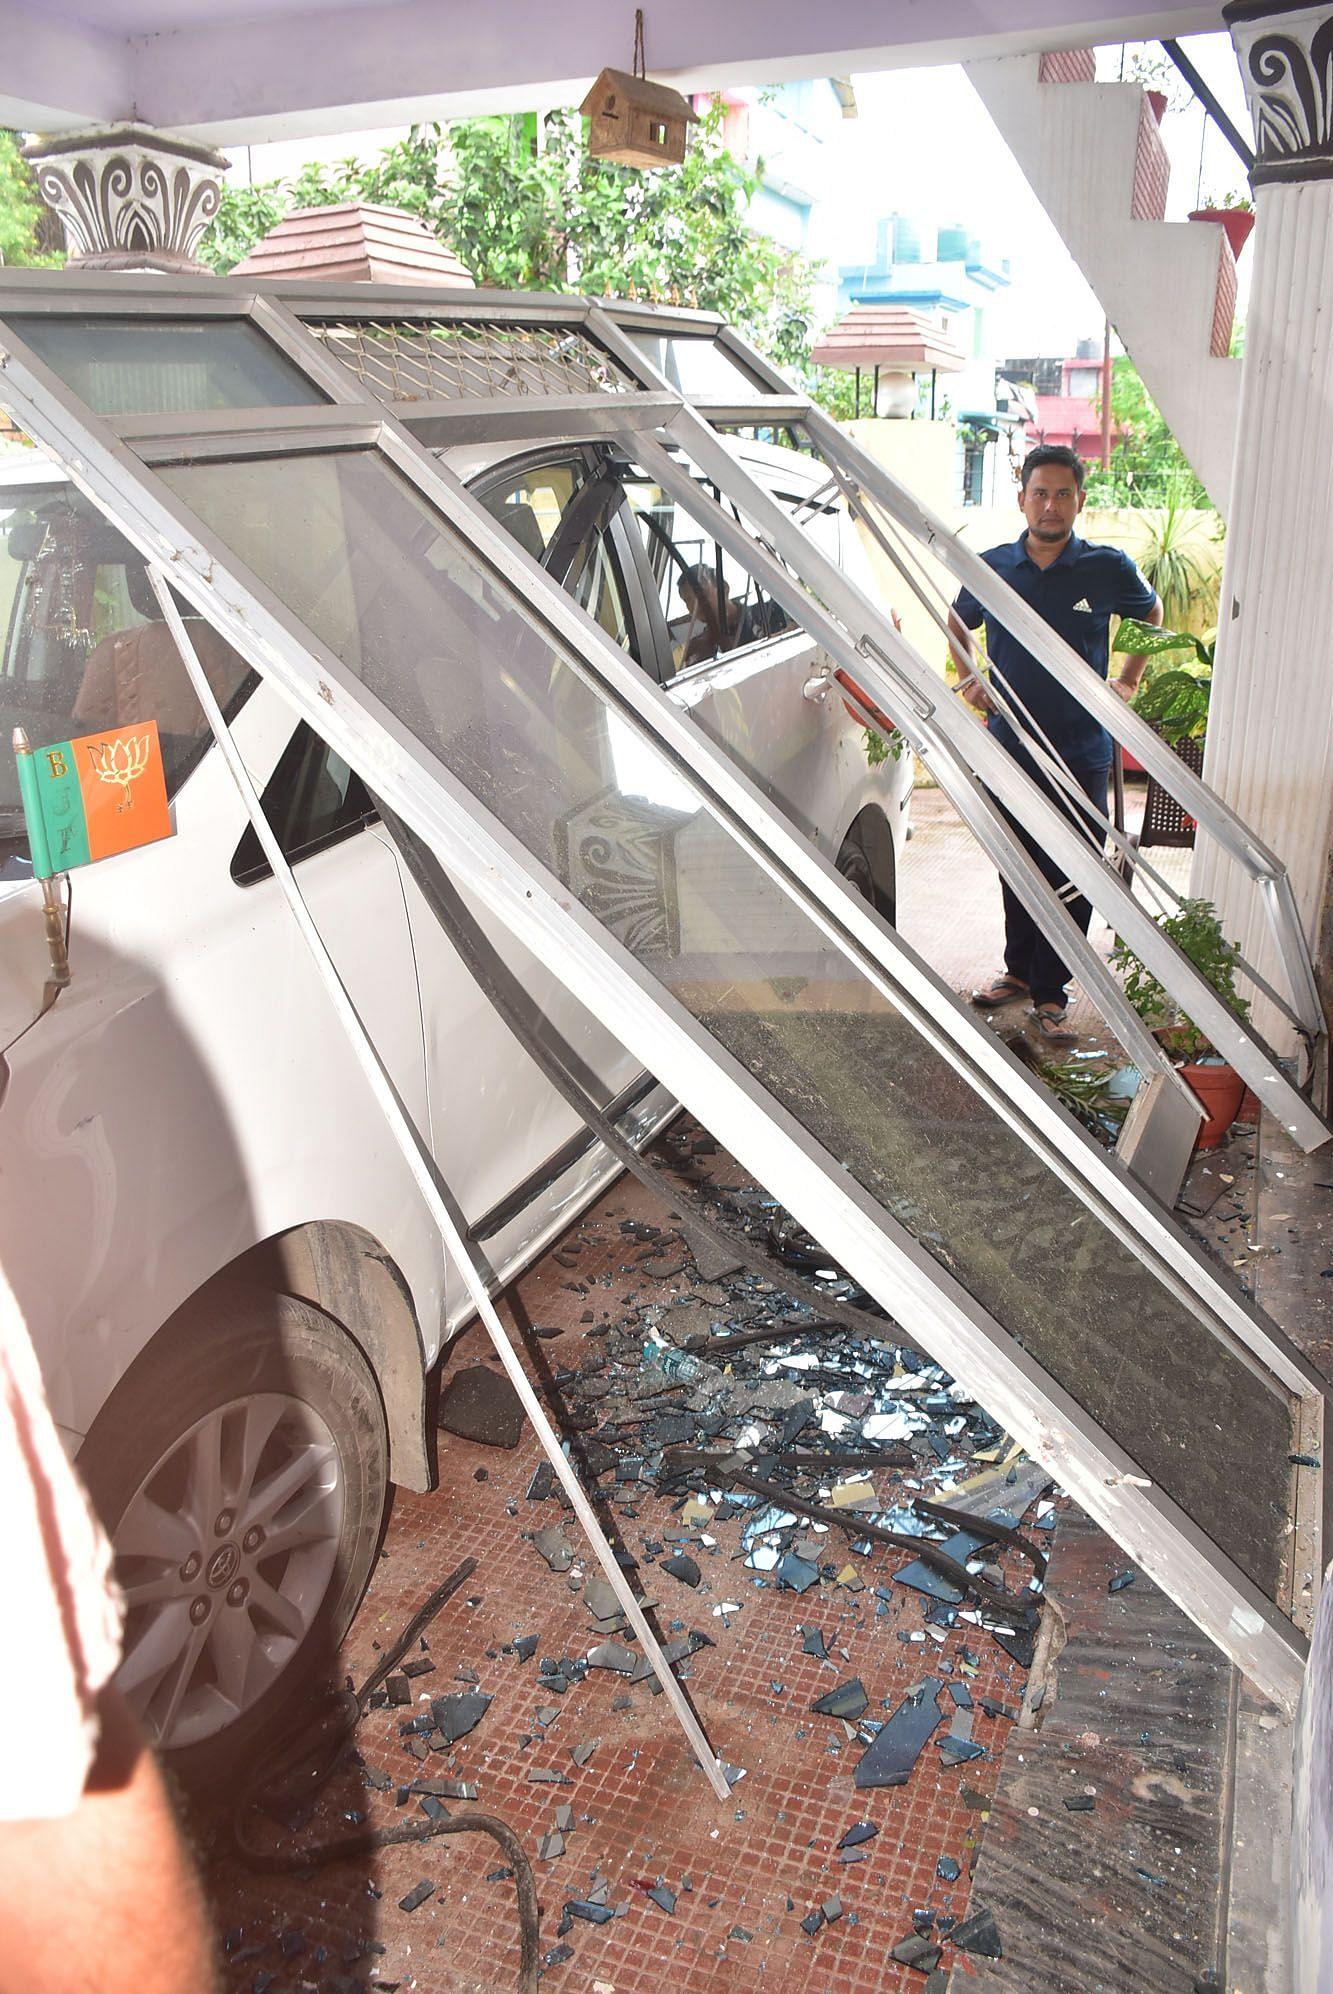 हल्द्वानी में हीरानगर में भाजपा जिलाध्यक्ष प्रदीप बिष्ट के घर में देर रात हुए विस्फोट से उड़ी एल?